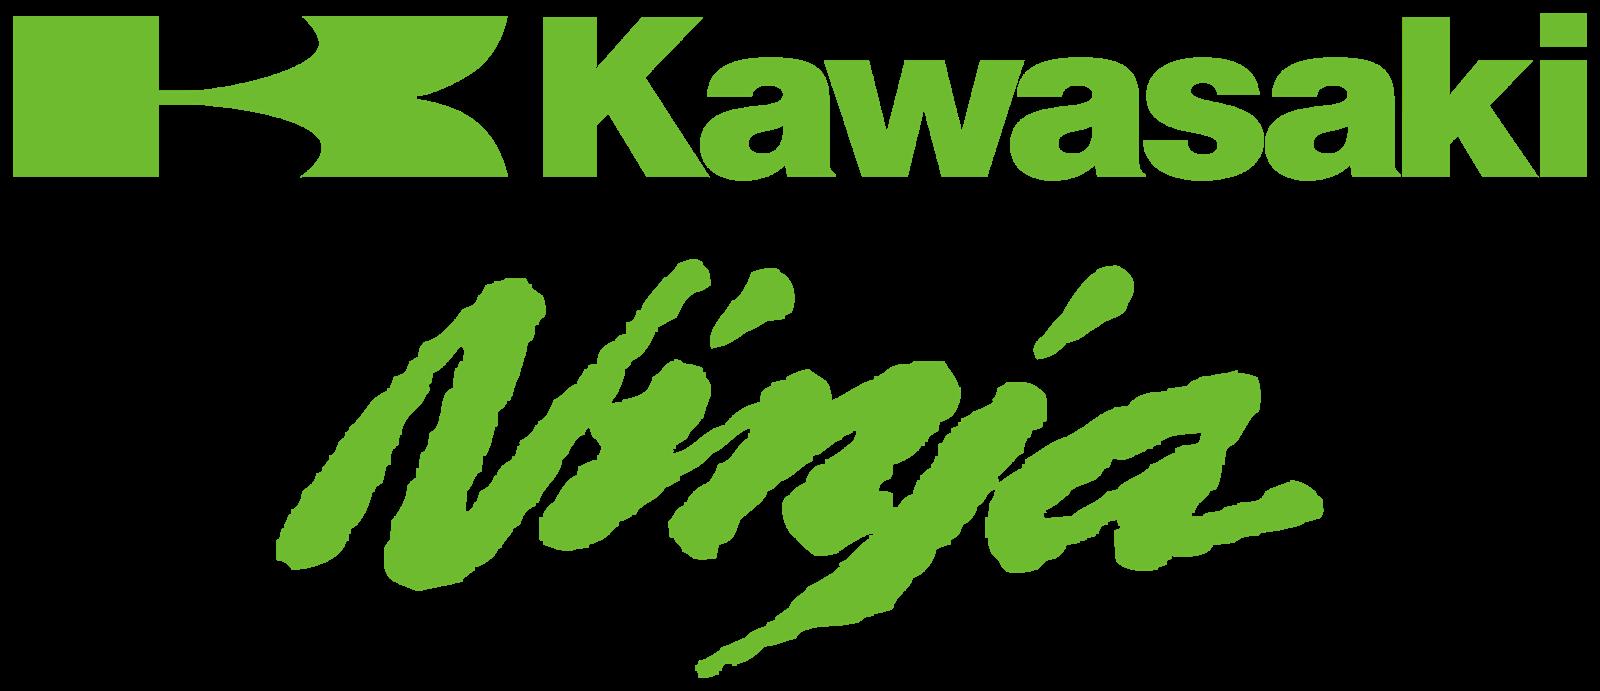 Kawasaki Ninja Logo Motorrad Bild Idee